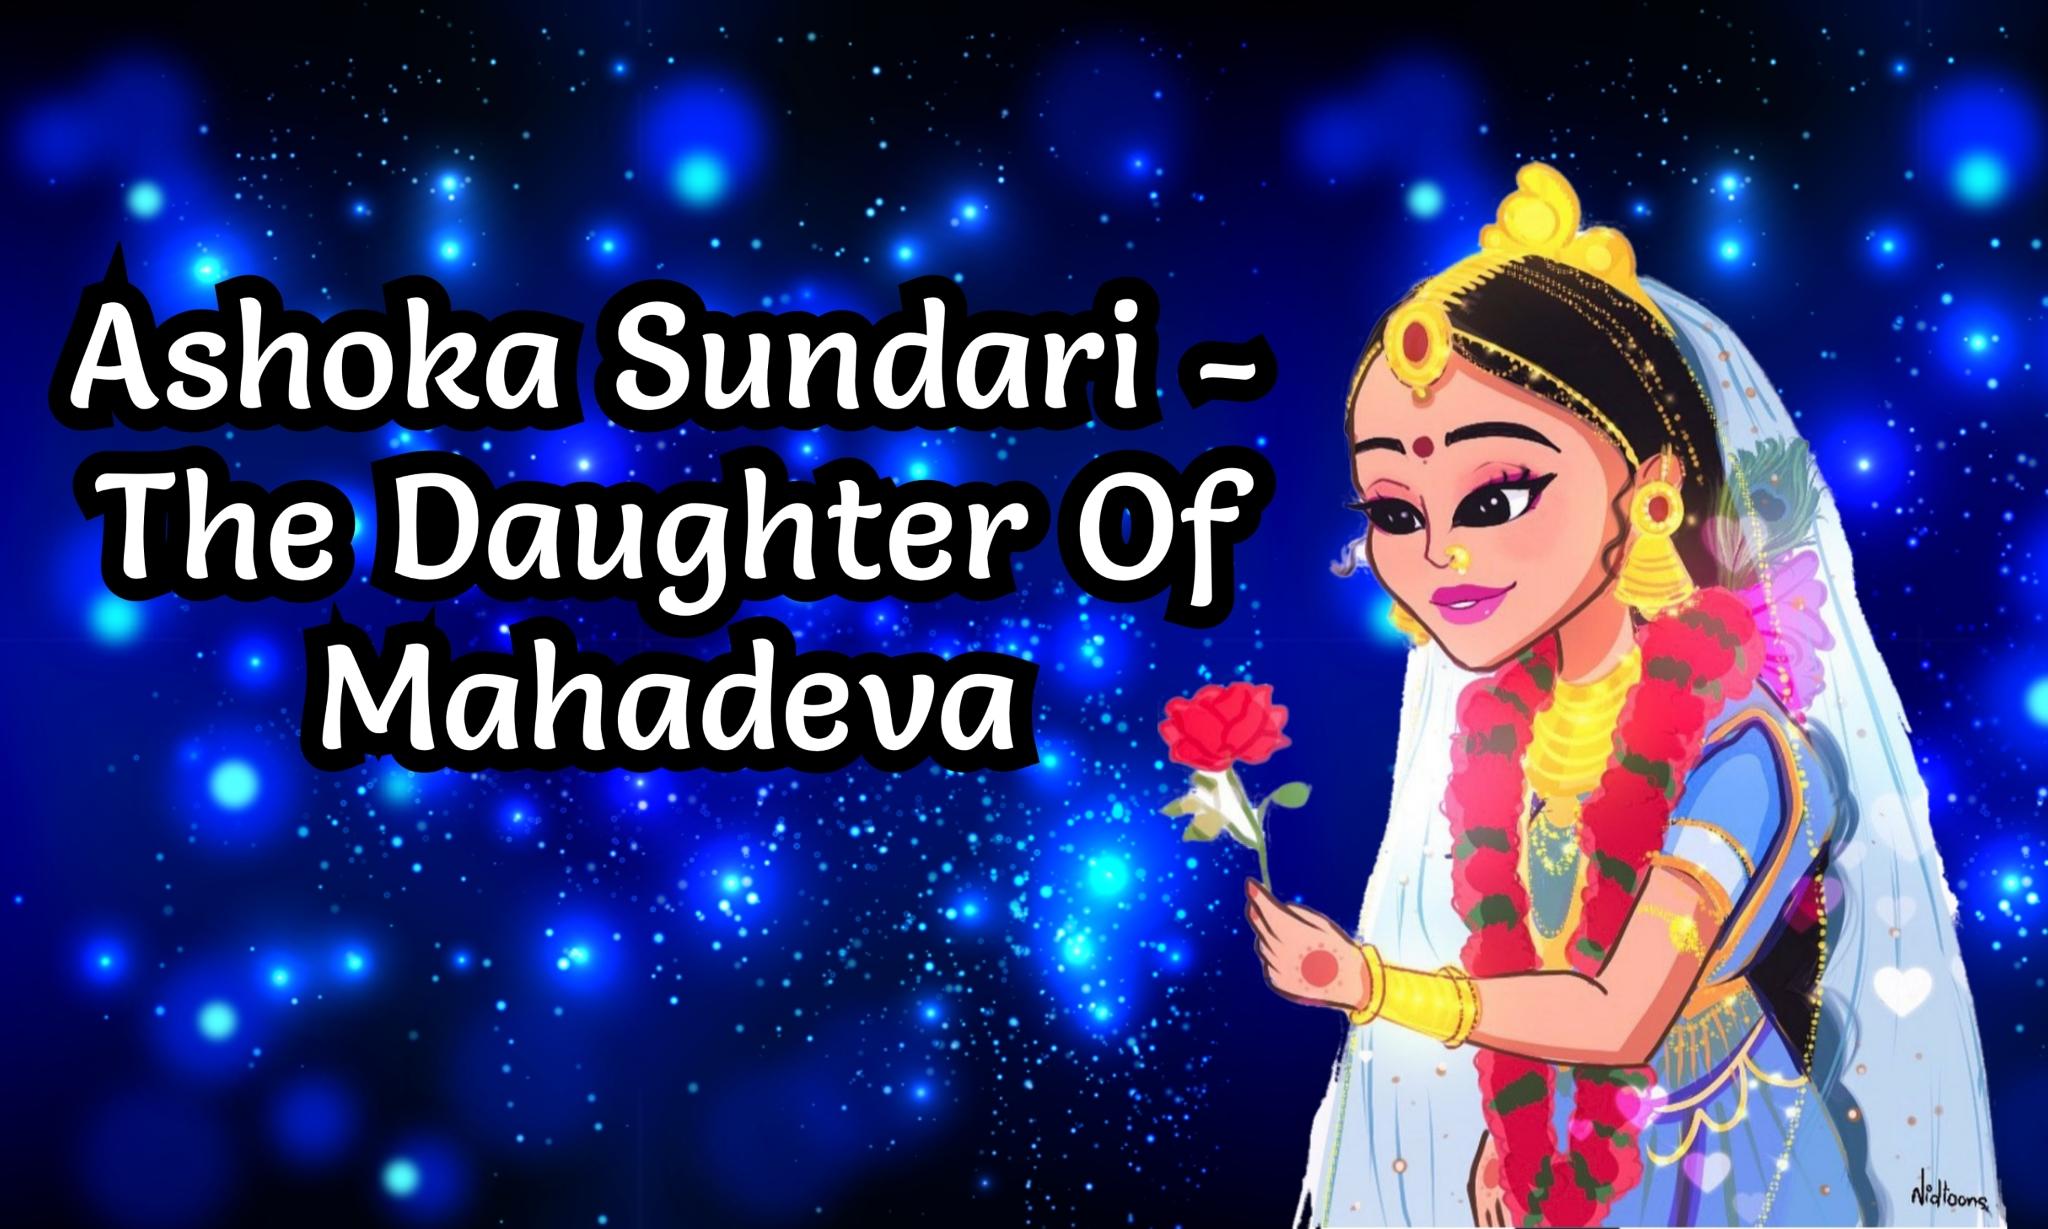 Ashoka Sundari- The Daughter Of Mahadeva